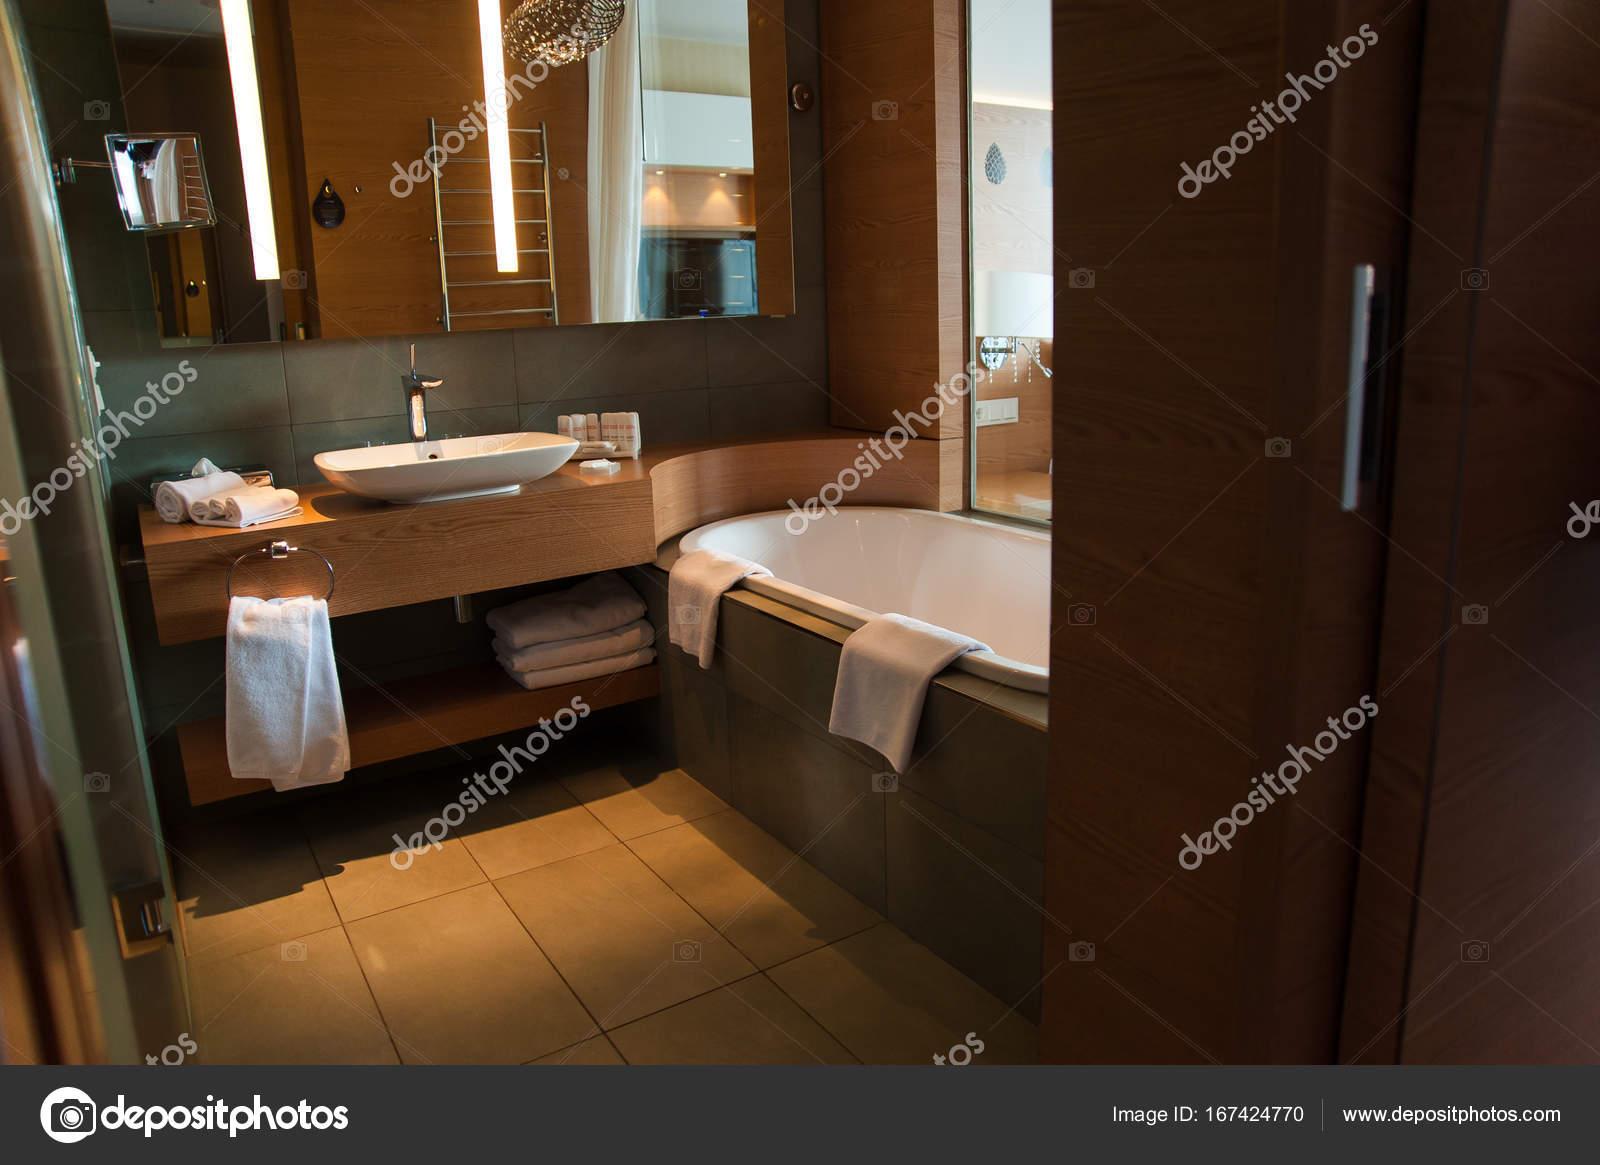 Badkamer Interieur Design : Luxe badkamer interieur design voor de moderne levensstijl met